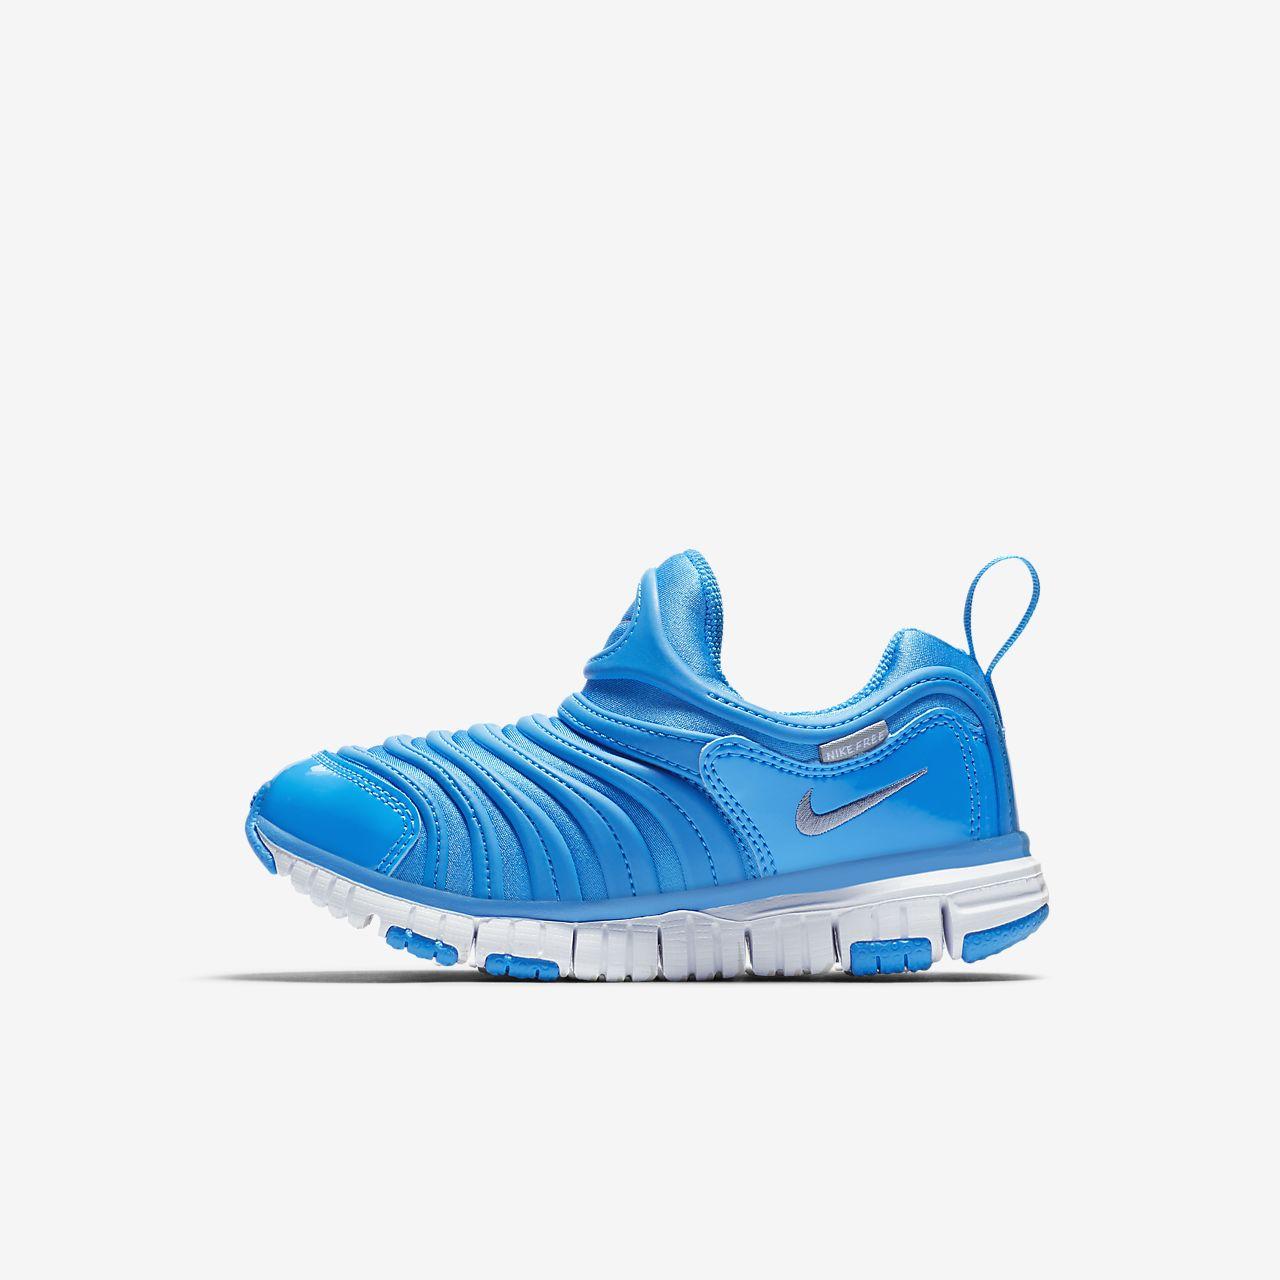 53eddb02f7fec Nike Dynamo Free Younger Kids  Shoe. Nike.com GB